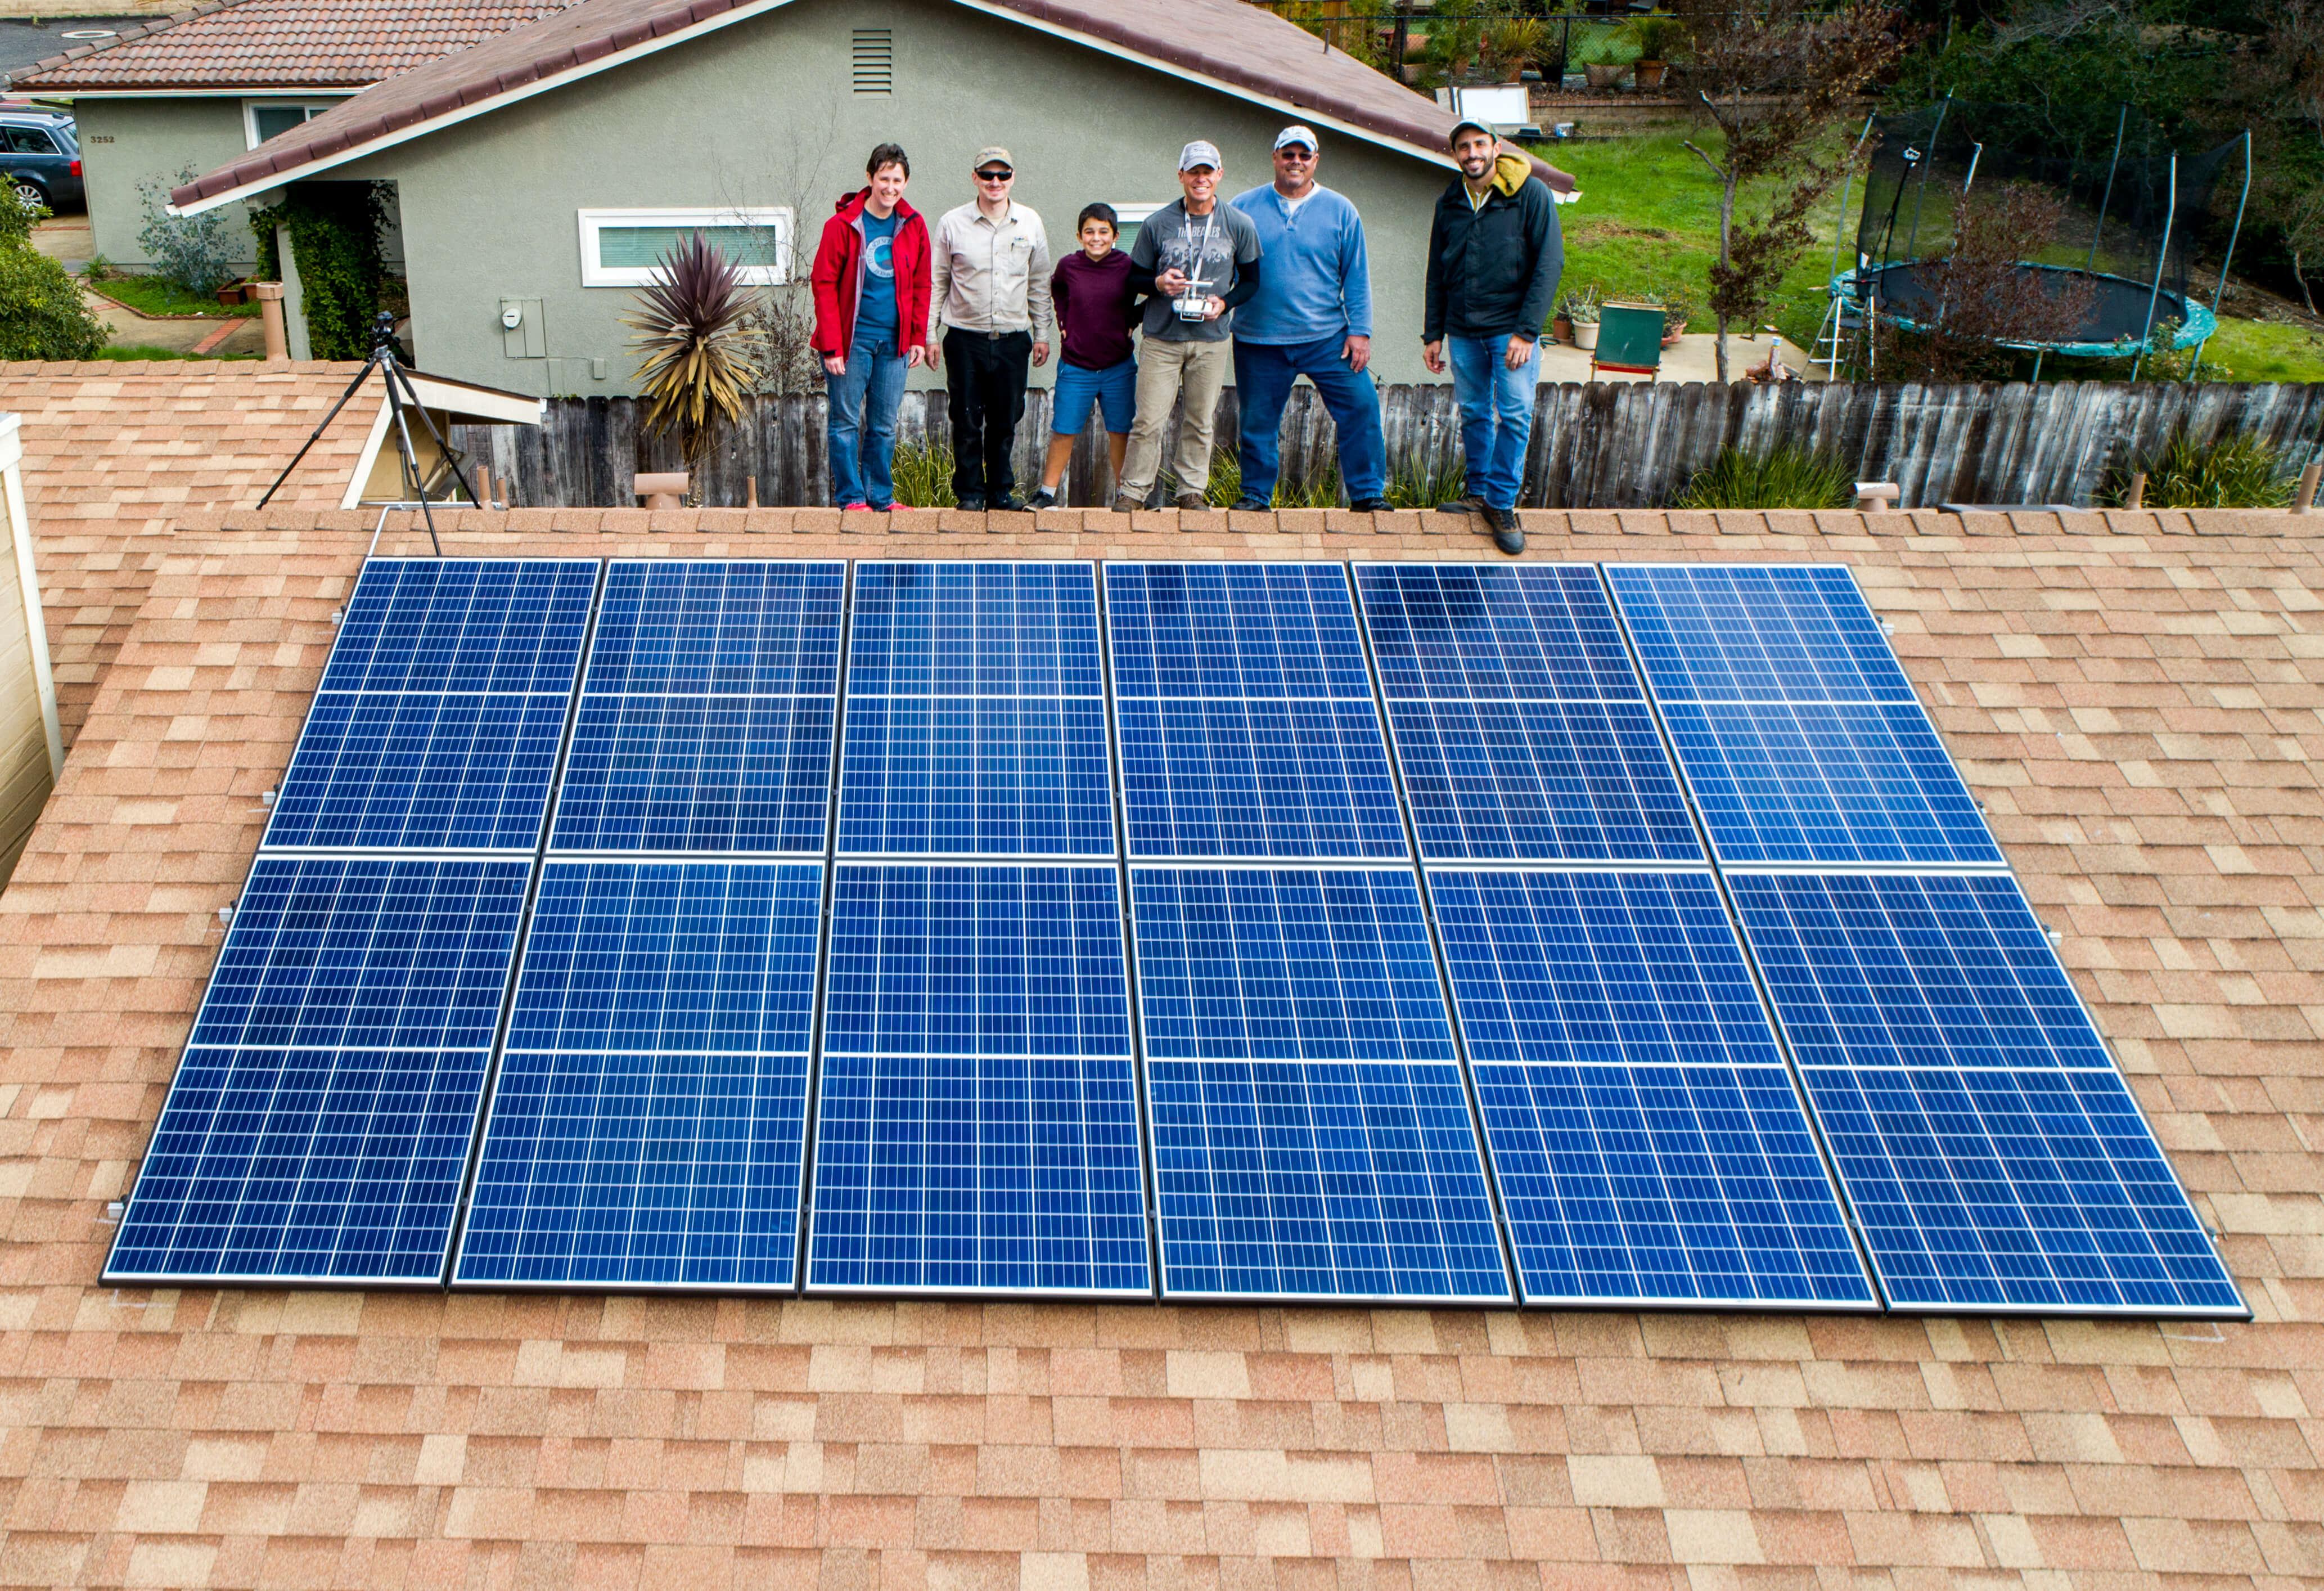 Family admiring their new solar panel on their home in San Luis Obispo